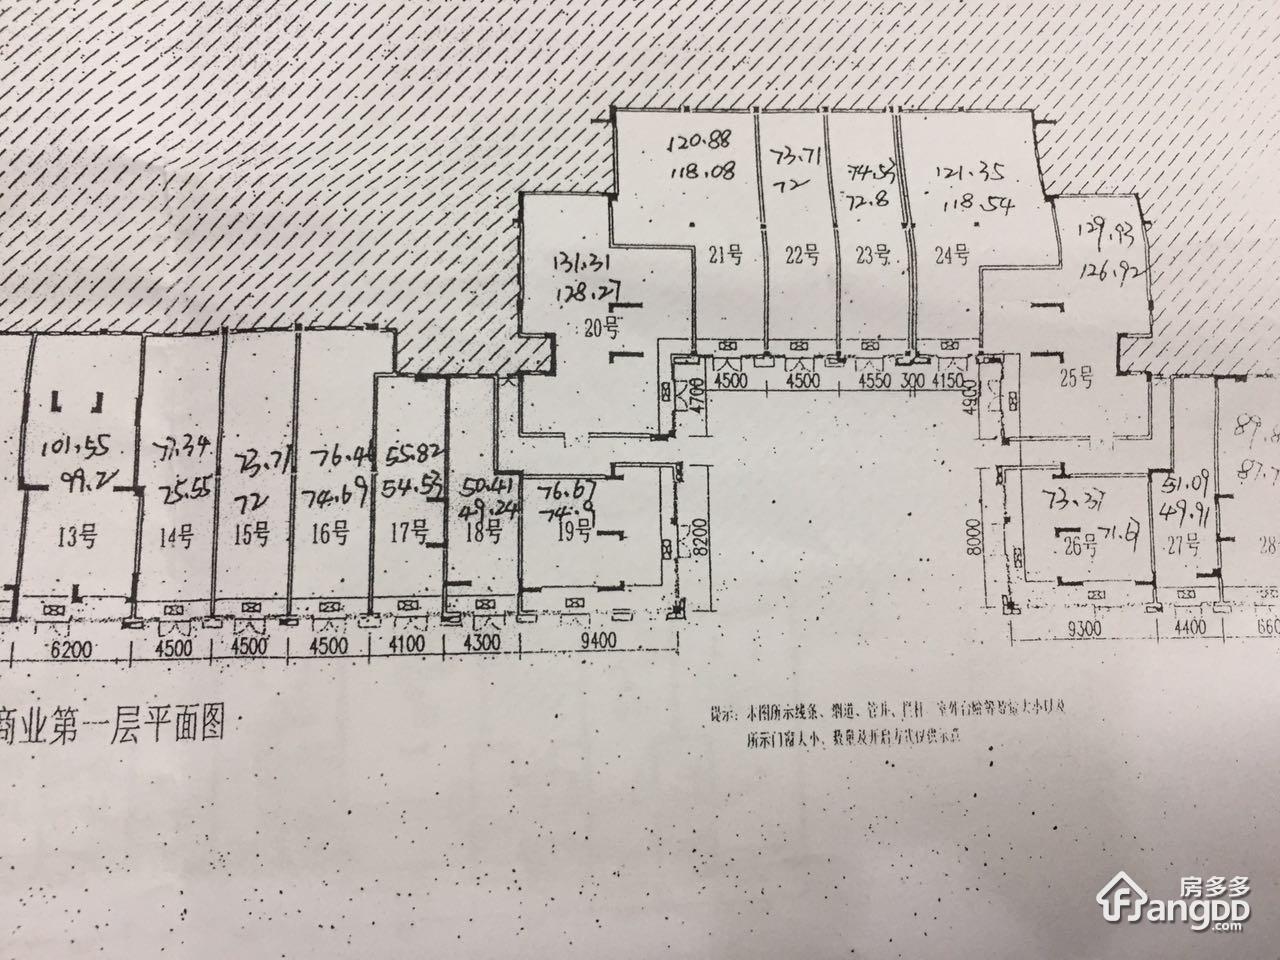 龙湖两江新宸1室1厅1卫户型图